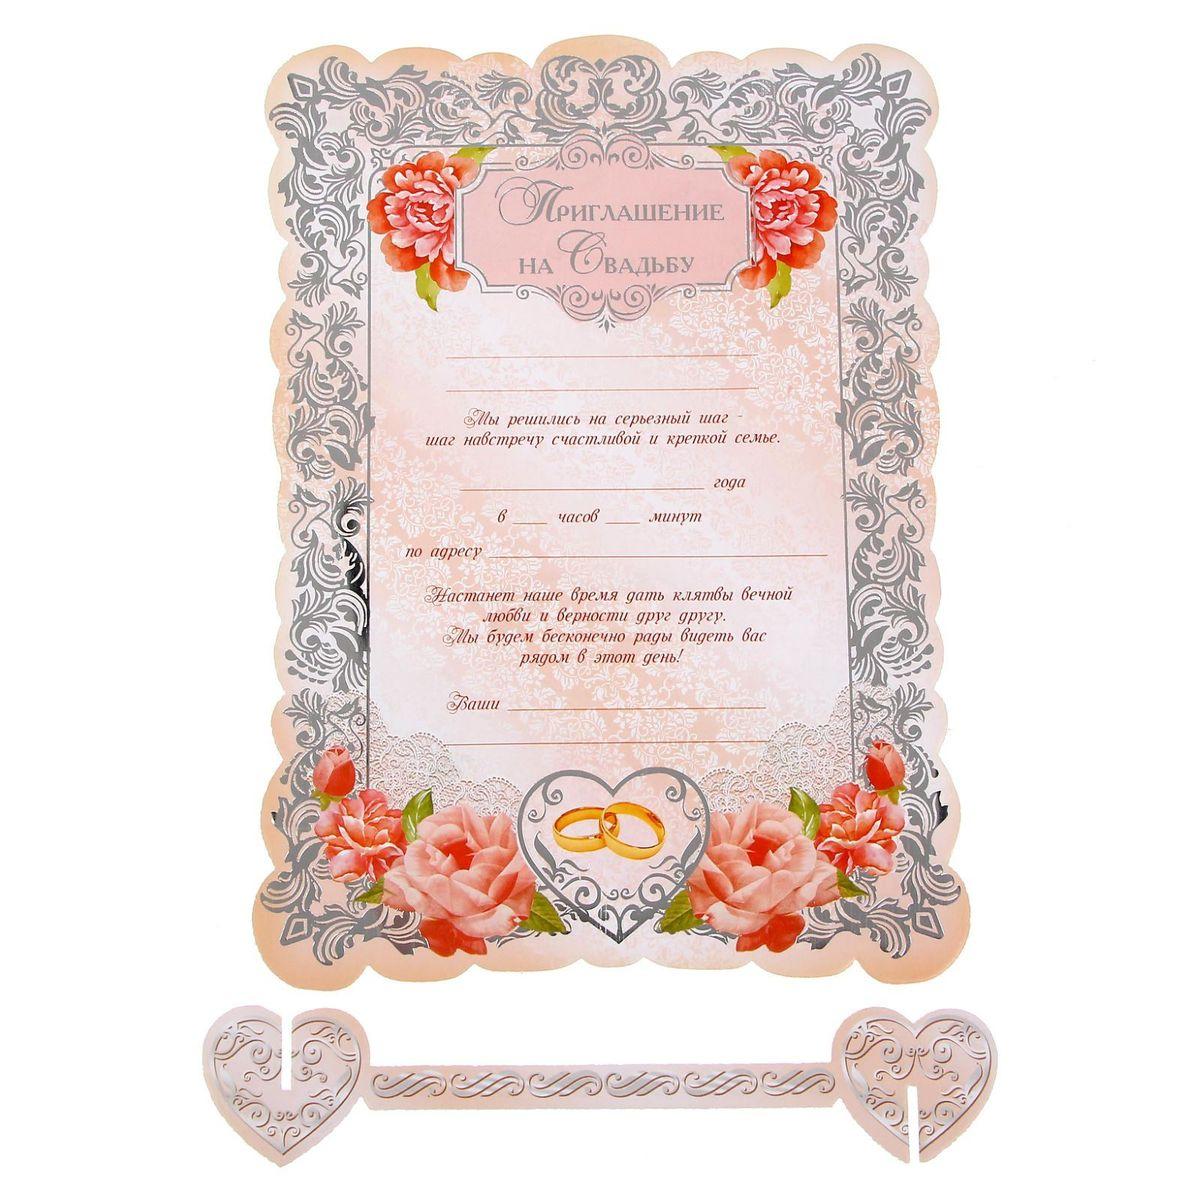 Приглашение-свиток на свадьбу Sima-land Кольца, 17,3 х 23,7 см1178003Свадьба - одно из главных событий в жизни каждого человека. Для идеального торжества необходимо продумать каждую мелочь. Родным и близким будет приятно получить индивидуальную красивую открытку с эксклюзивным дизайном.